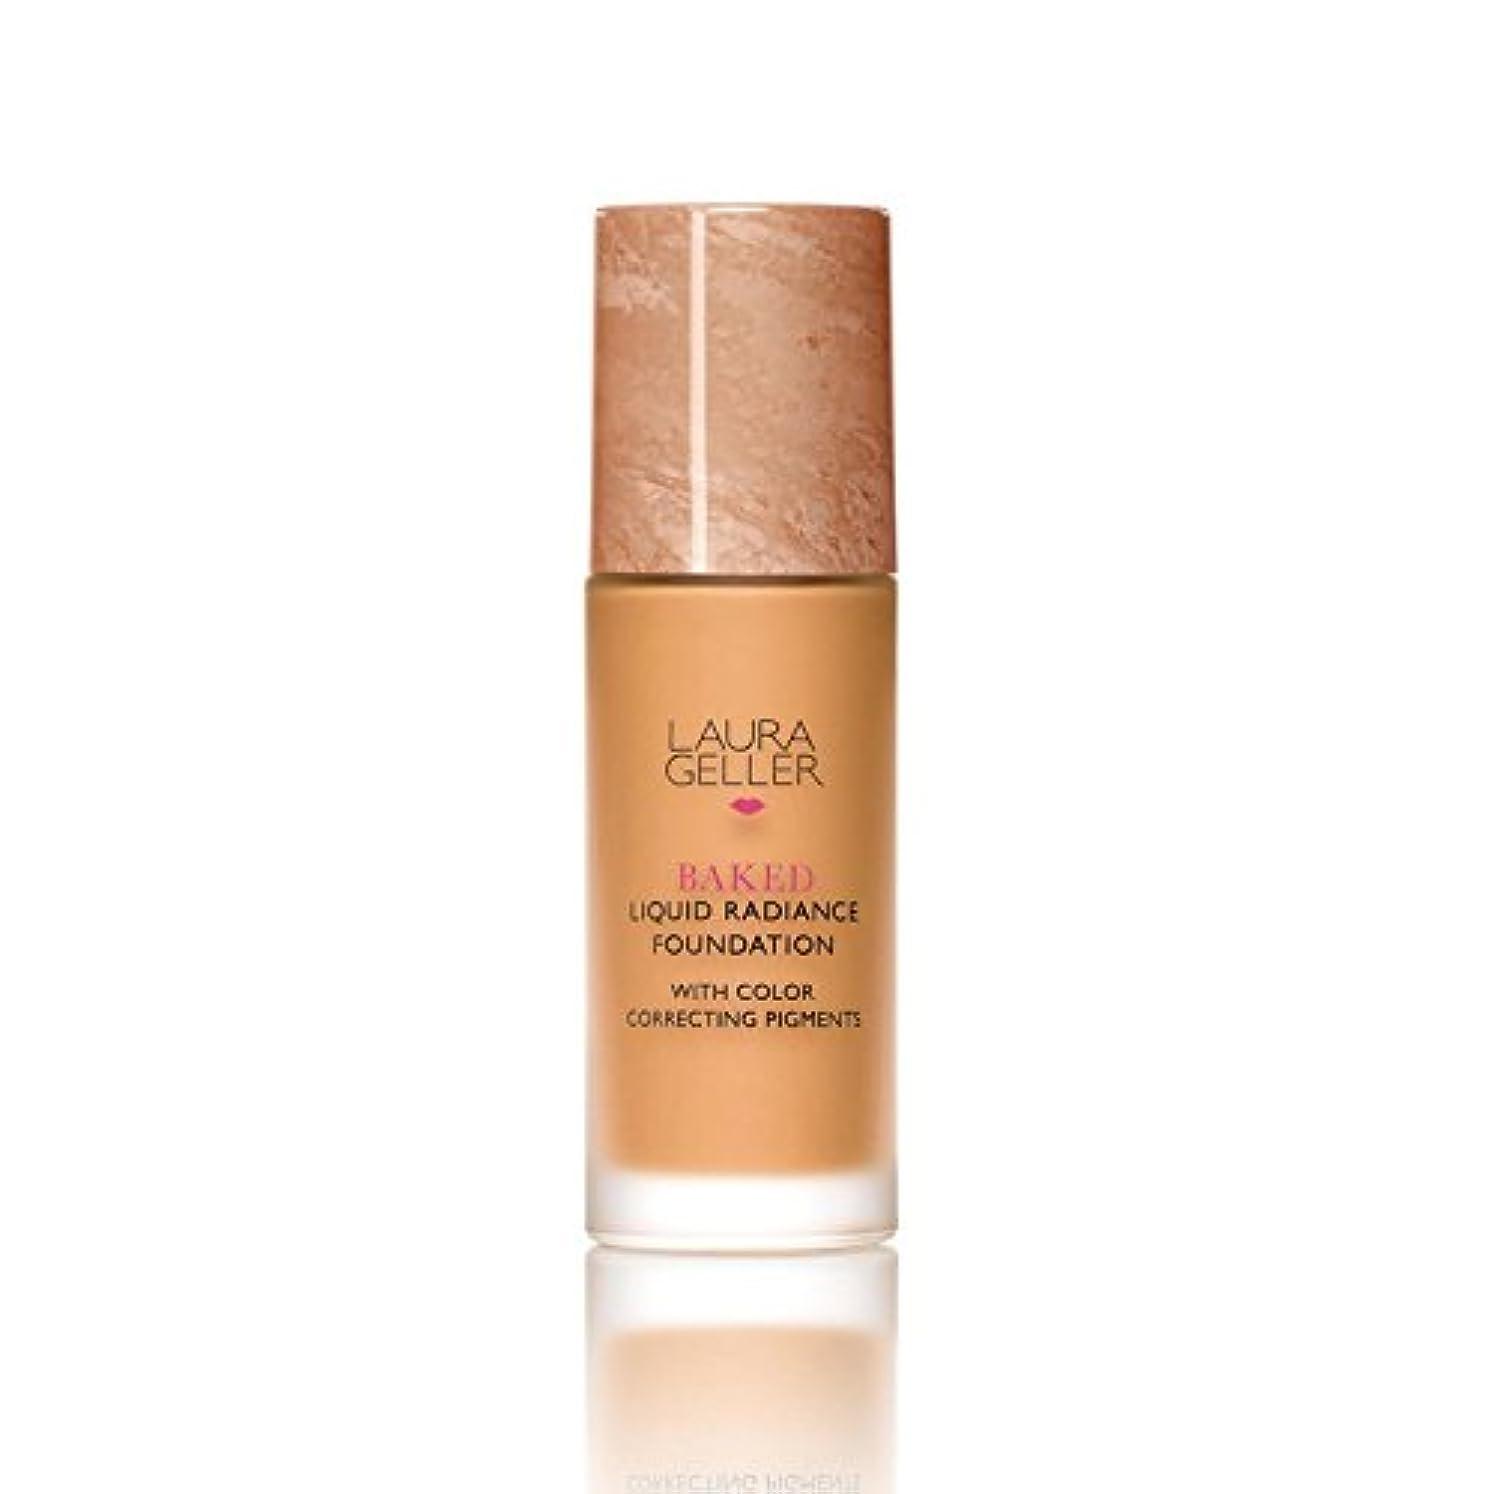 合わせて年金発動機Laura Geller New York Baked Liquid Radiance Foundation Tan (Pack of 6) - ローラ?ゲラーニューヨーク焼いた液体放射輝度基盤日焼け x6 [並行輸入品]